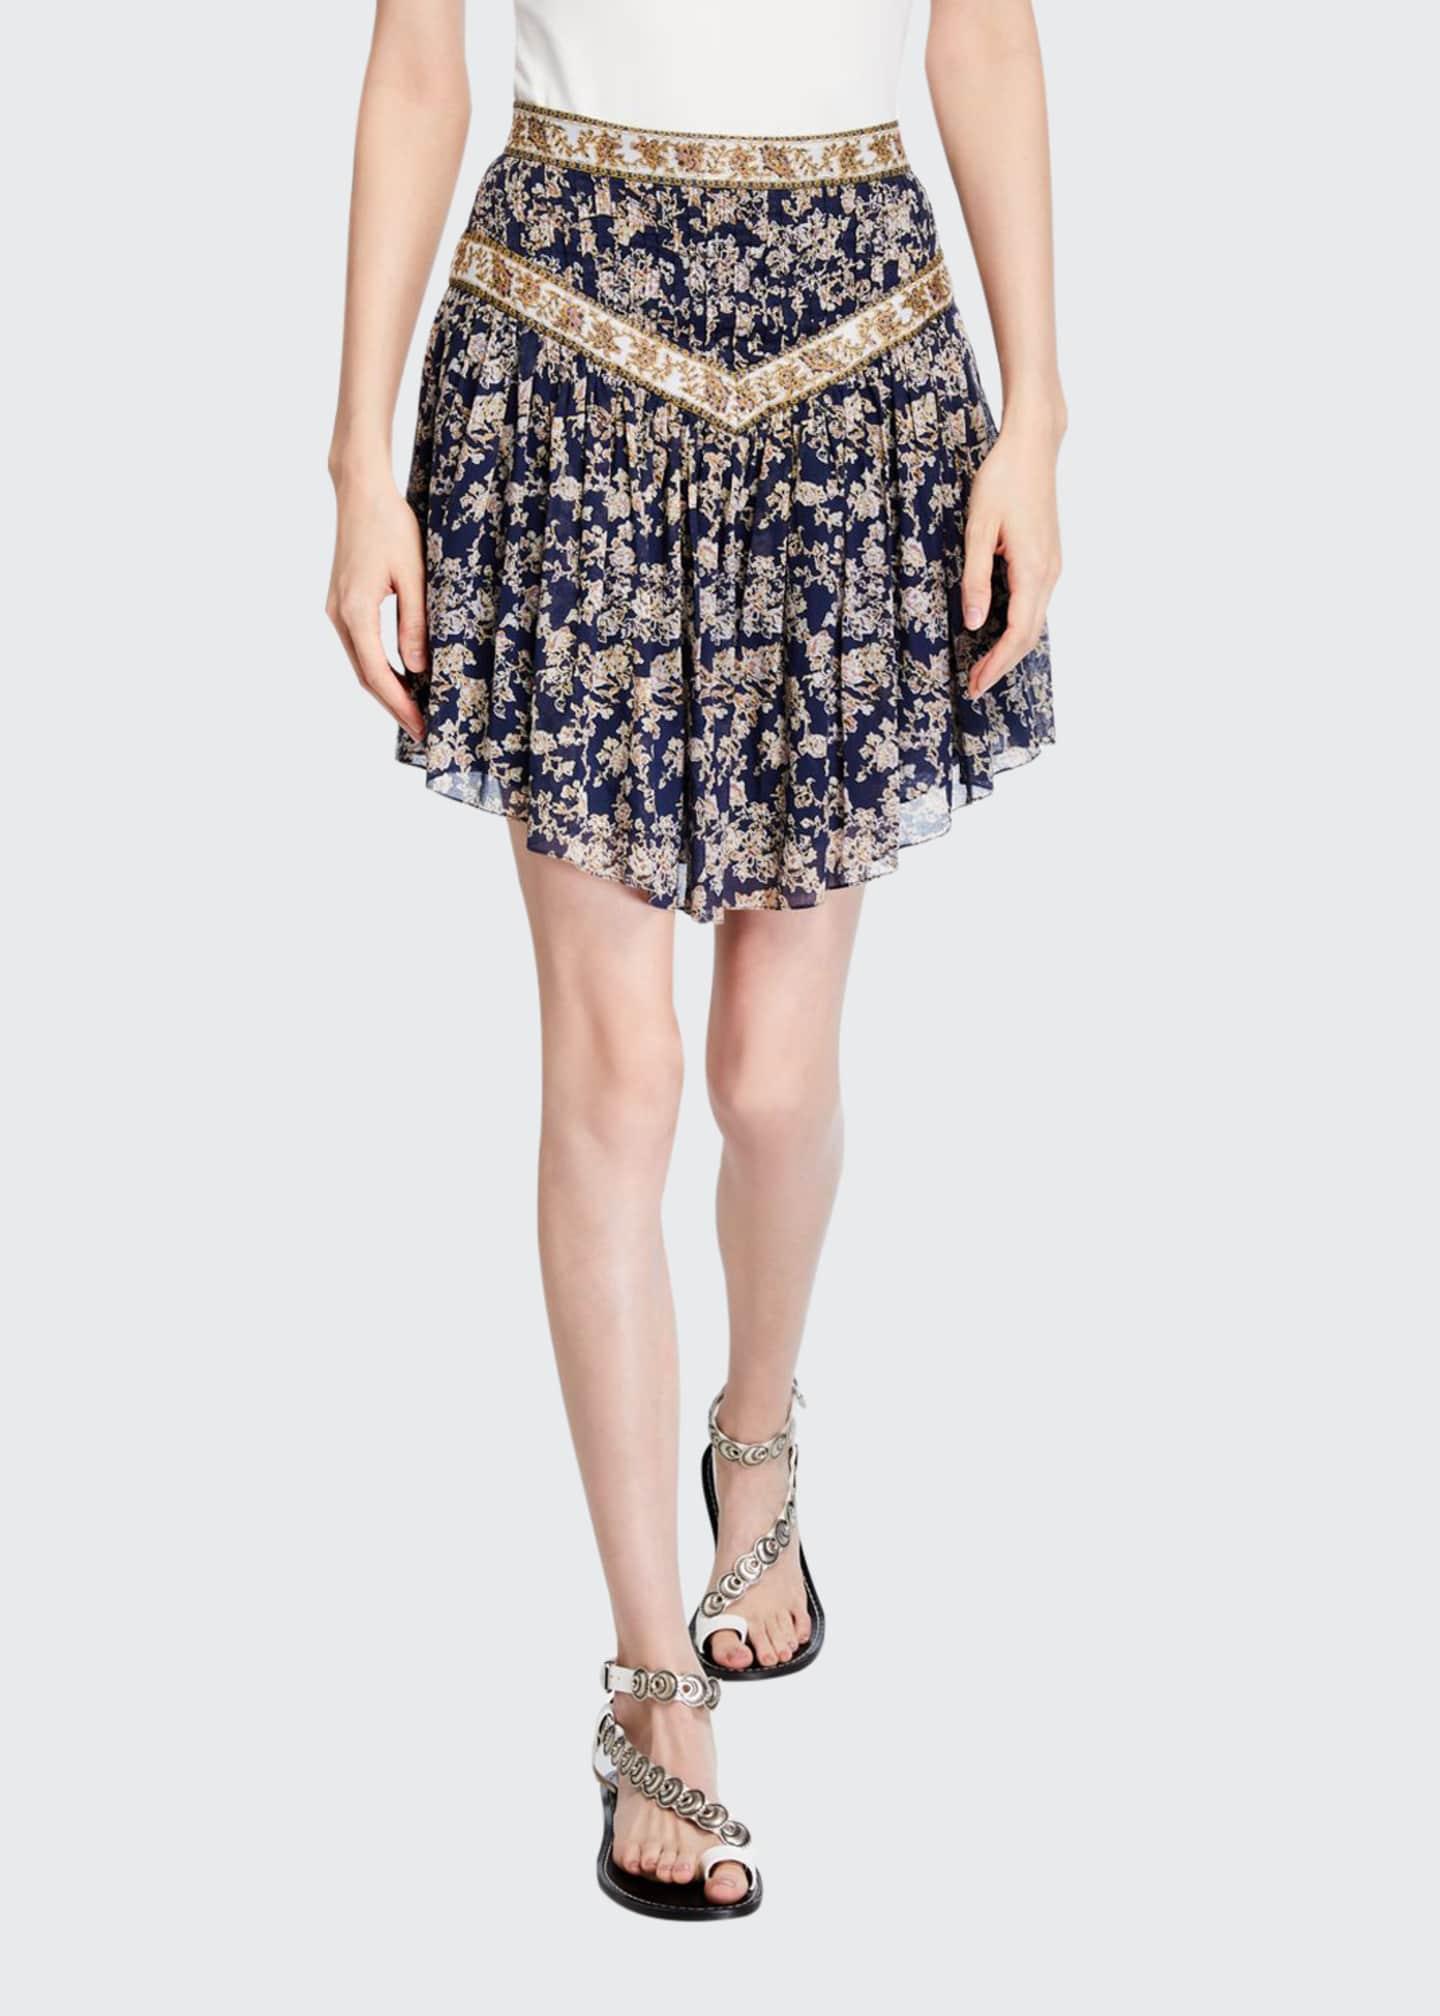 Etoile Isabel Marant Valerie Floral Patchwork Skirt